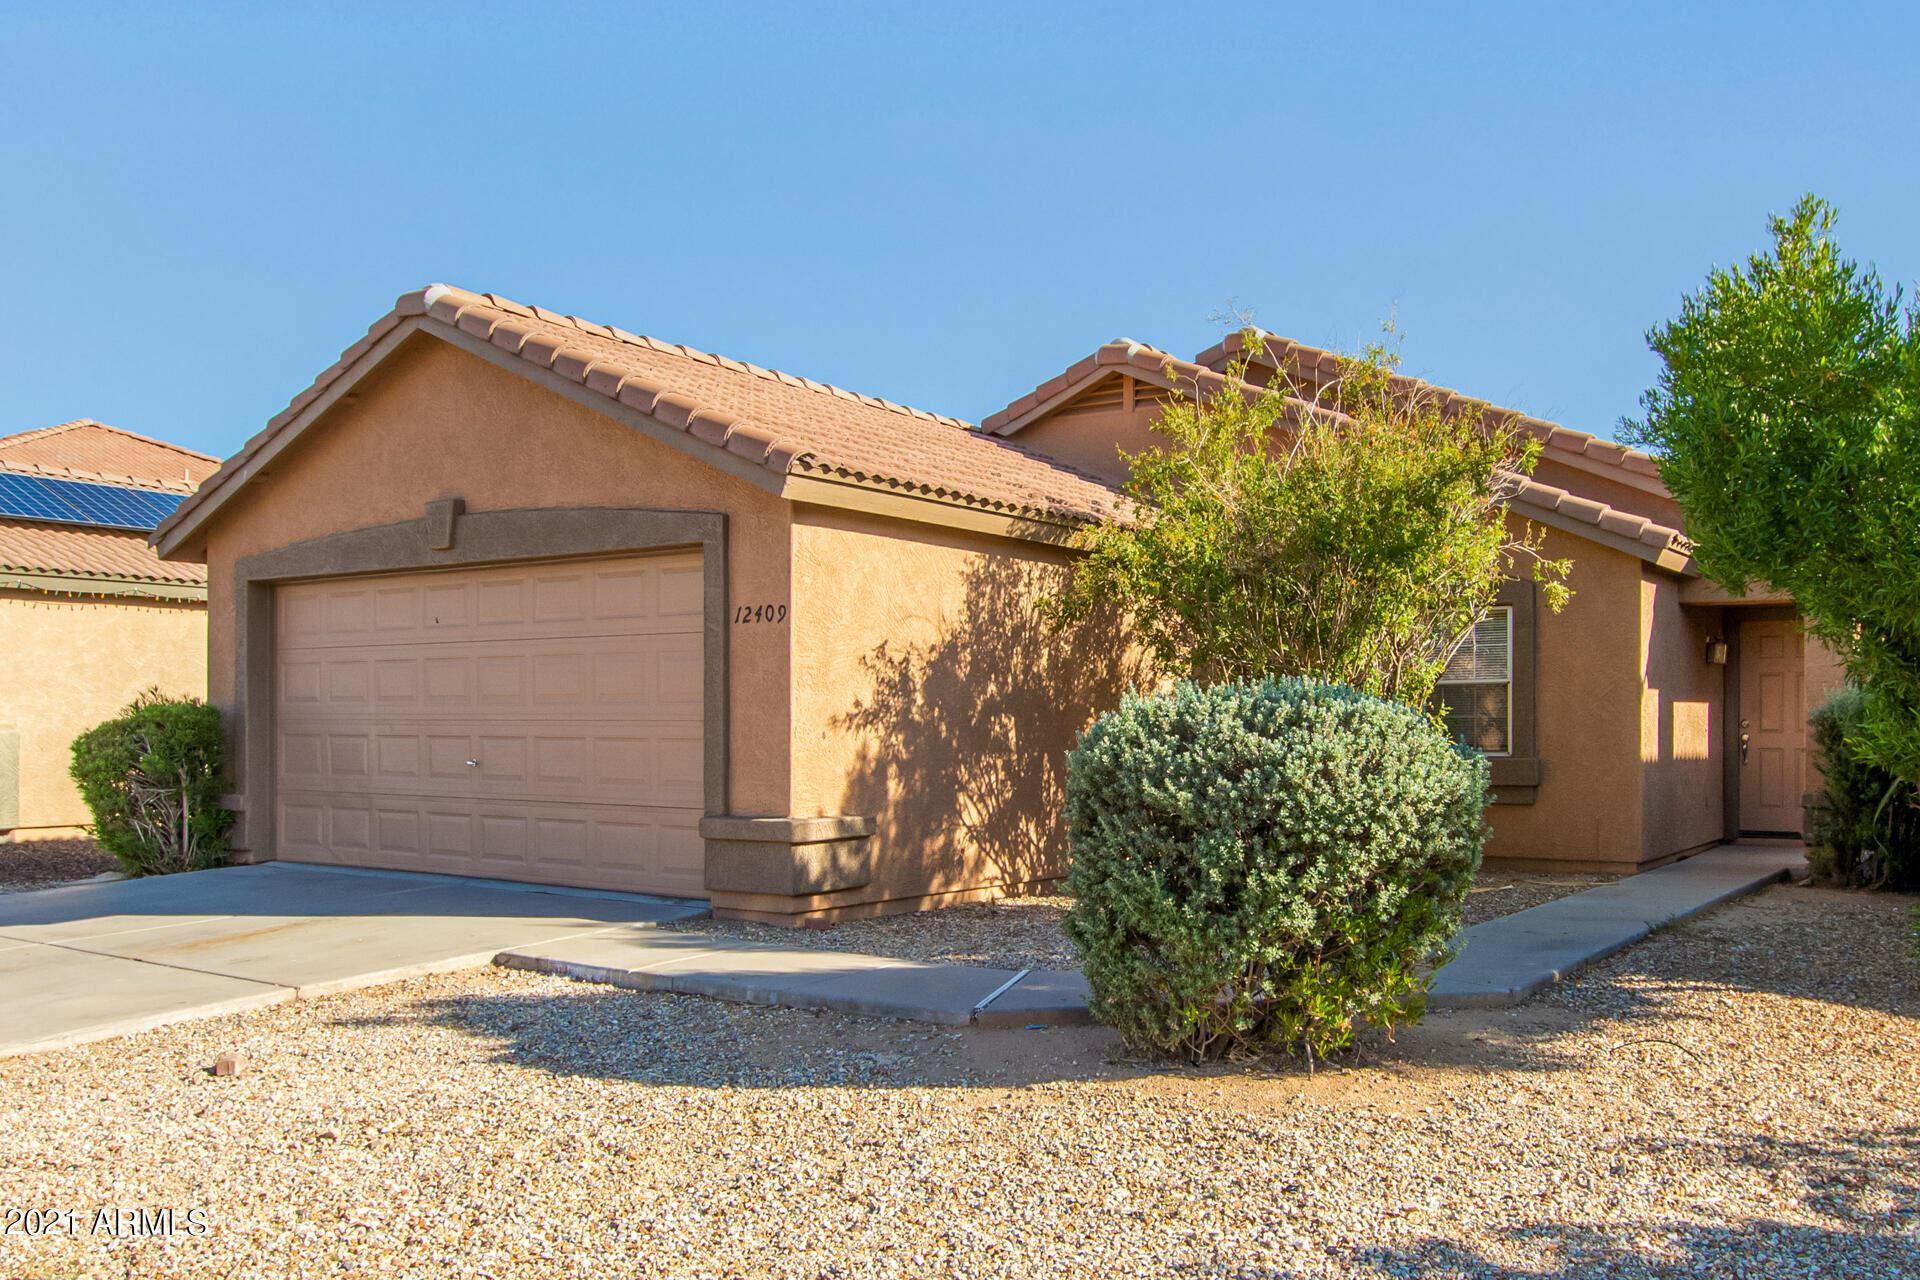 Photo of 12409 W SURREY Avenue, El Mirage, AZ 85335 (MLS # 6301961)